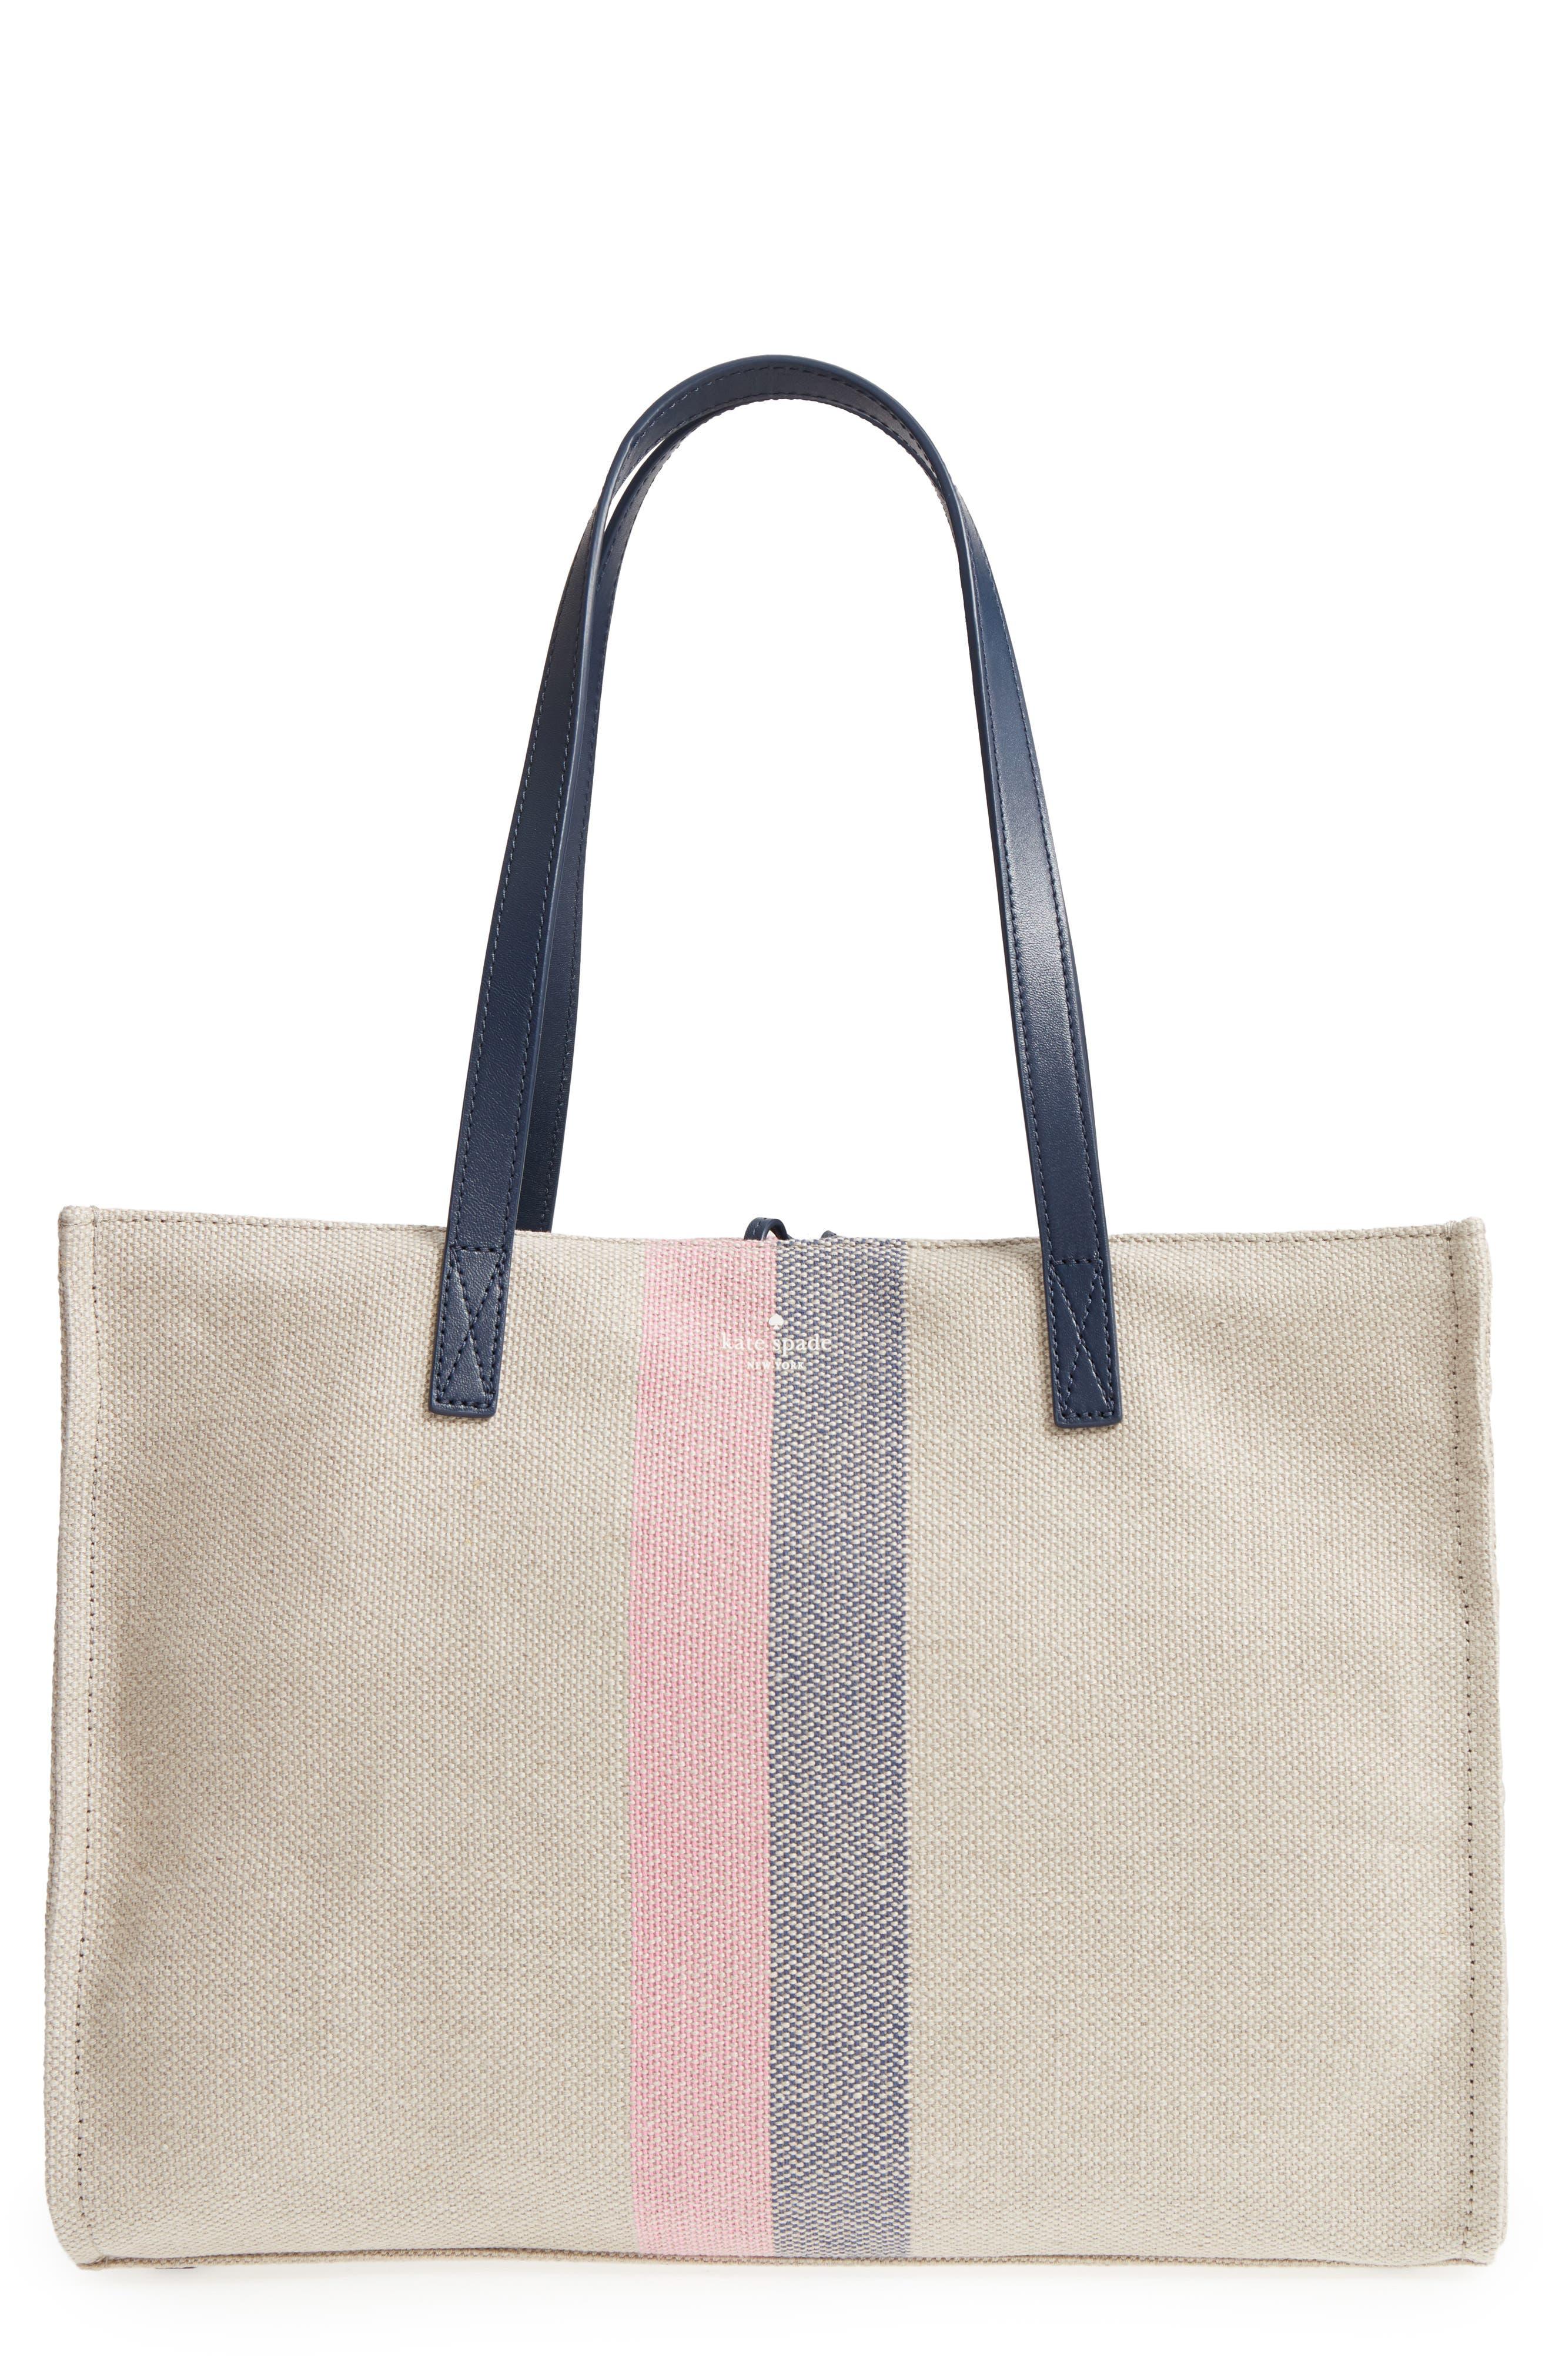 washington square - mega sam canvas satchel,                         Main,                         color, Natural Linen/Bubble Gum/Navy